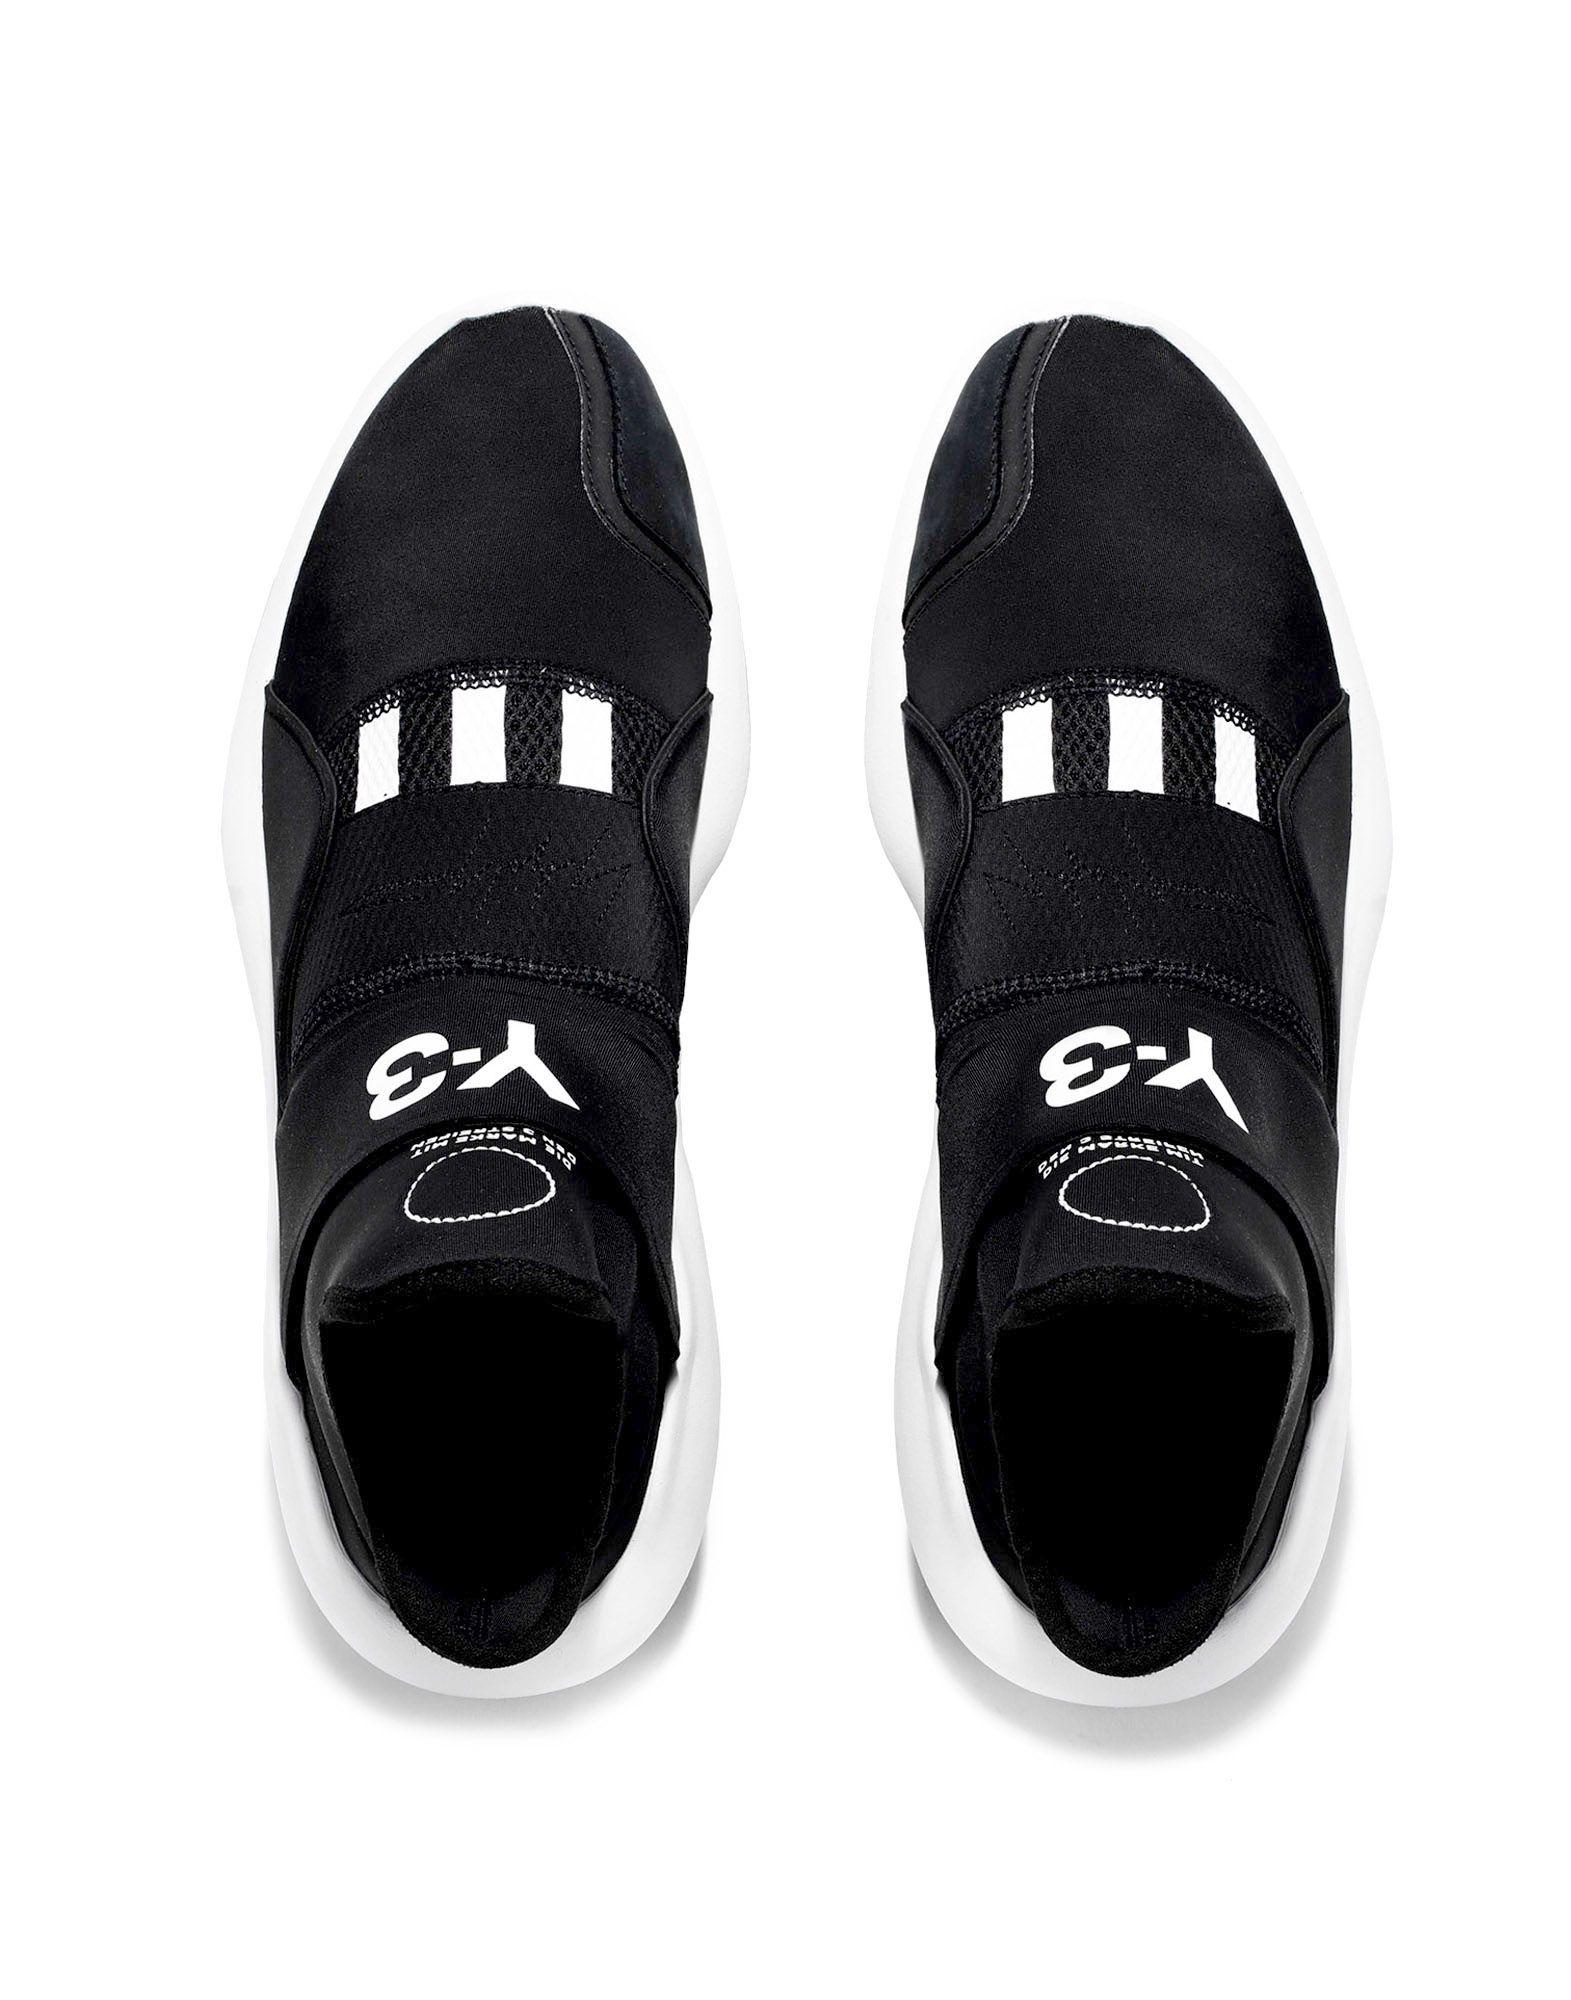 Y-3 Suberou Shoes unisex Y-3 adidas